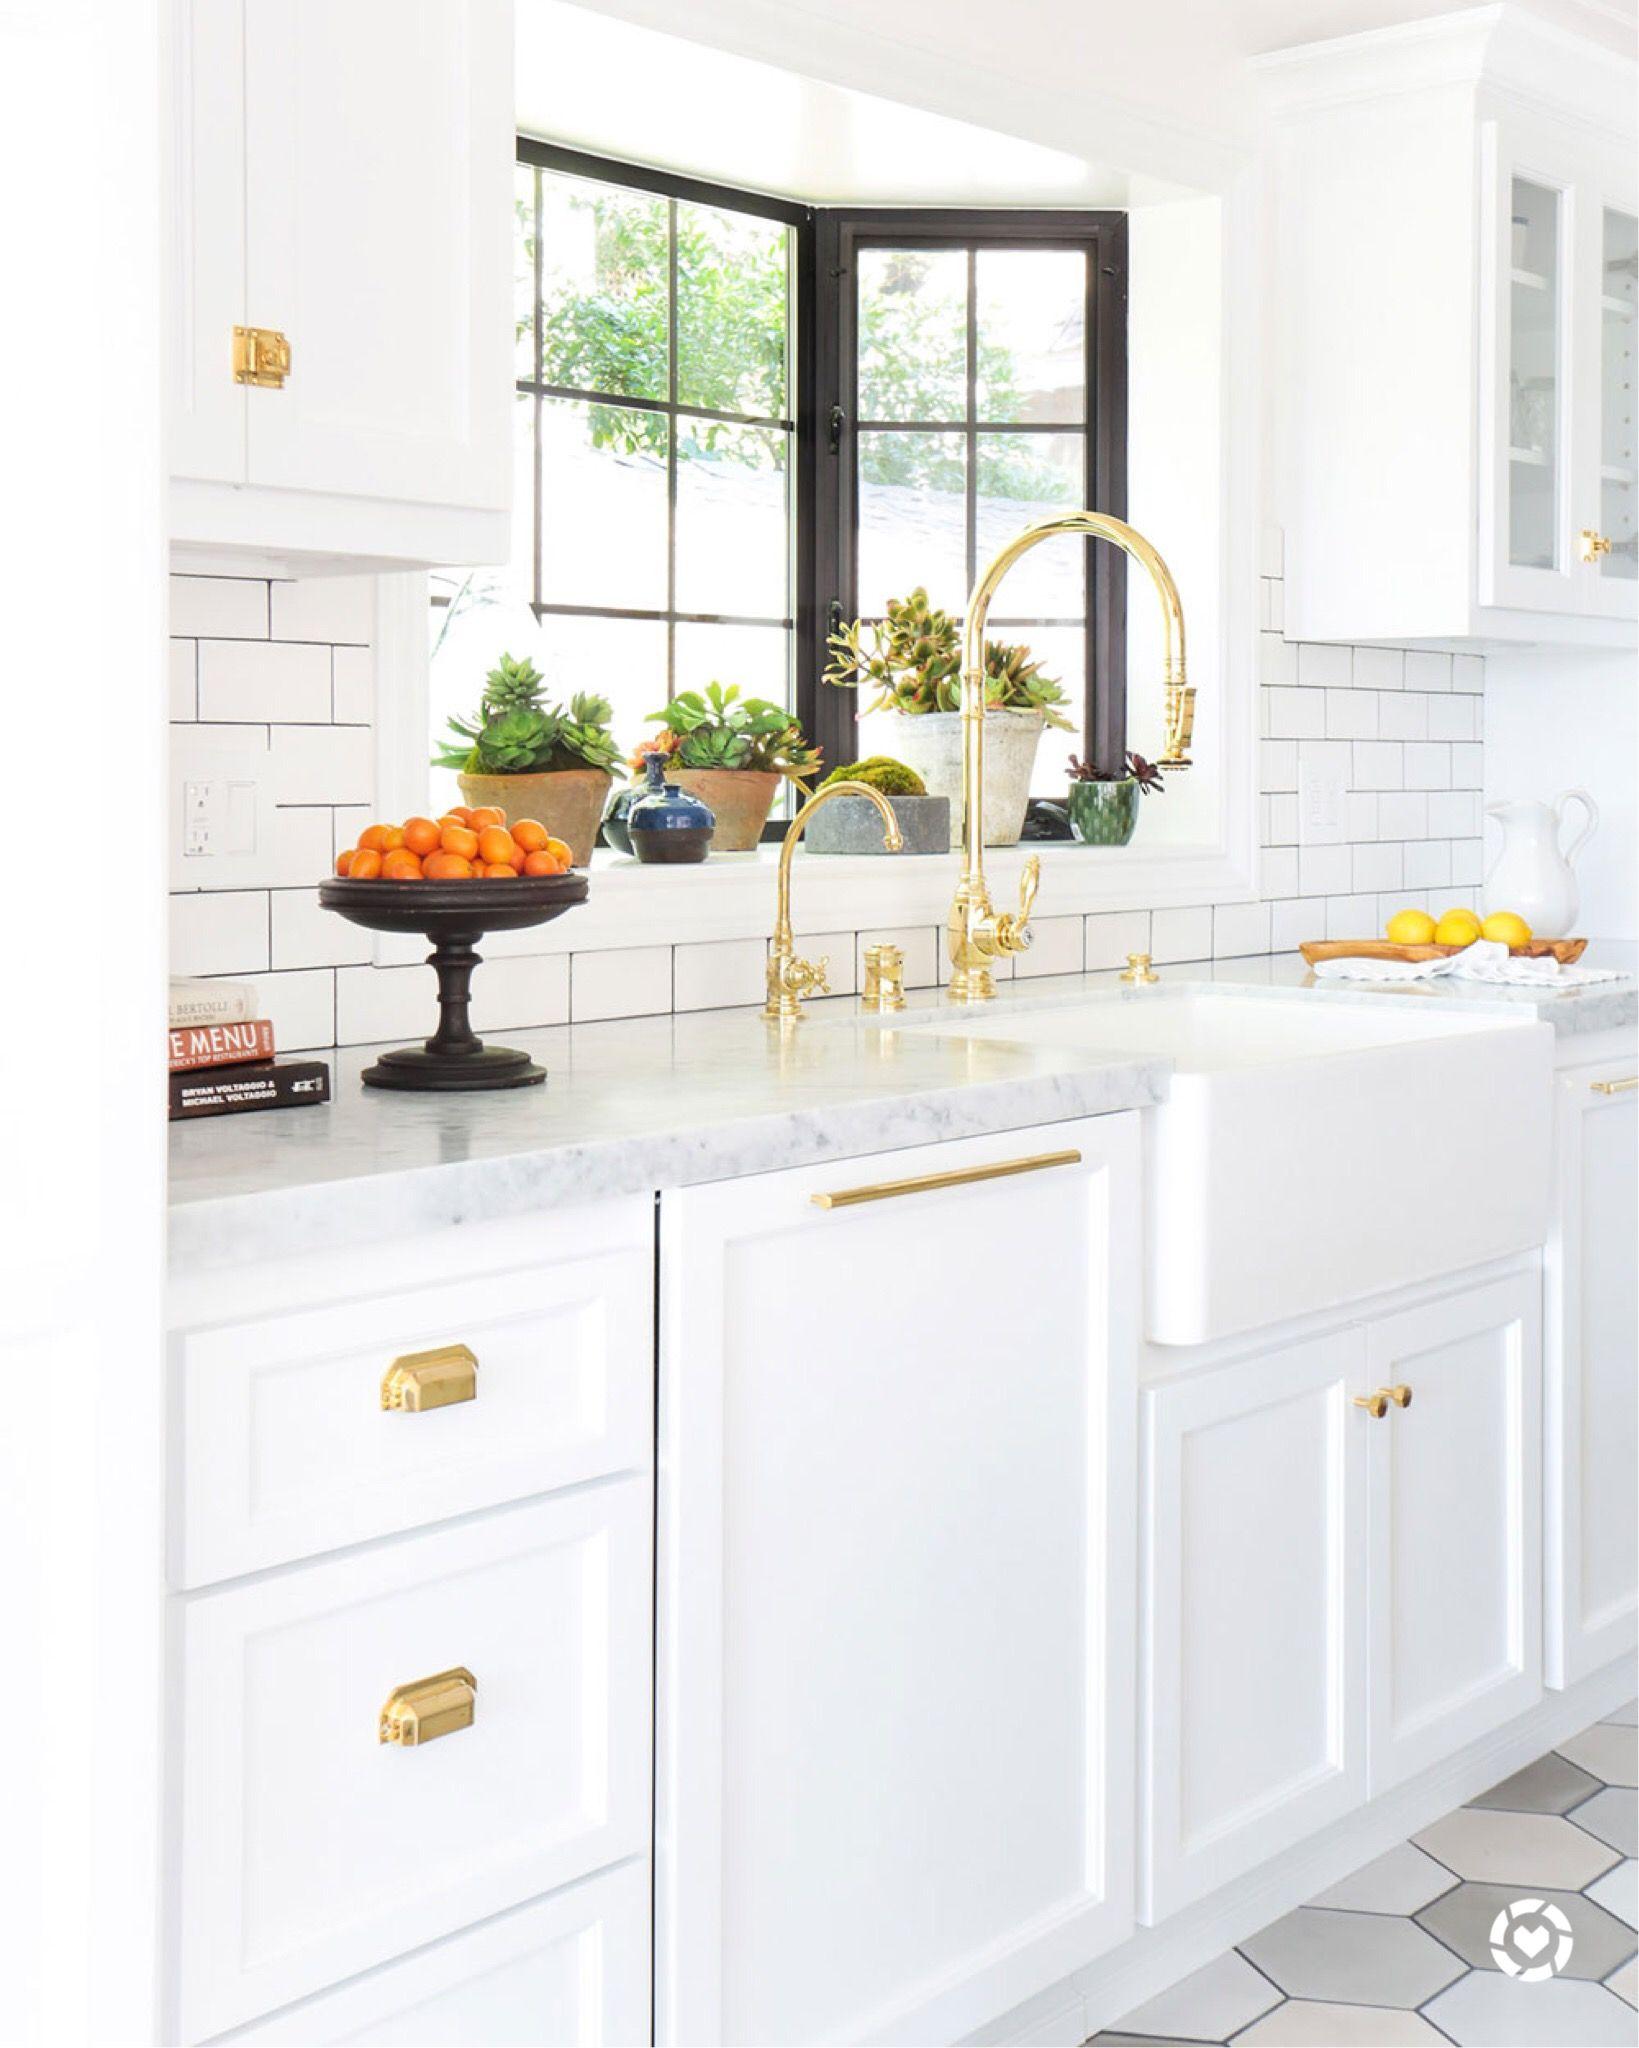 farmhouse kitchen remodel interiors by stefani stein in 2020 scandinavian kitchen design on kitchen remodel gold hardware id=28390